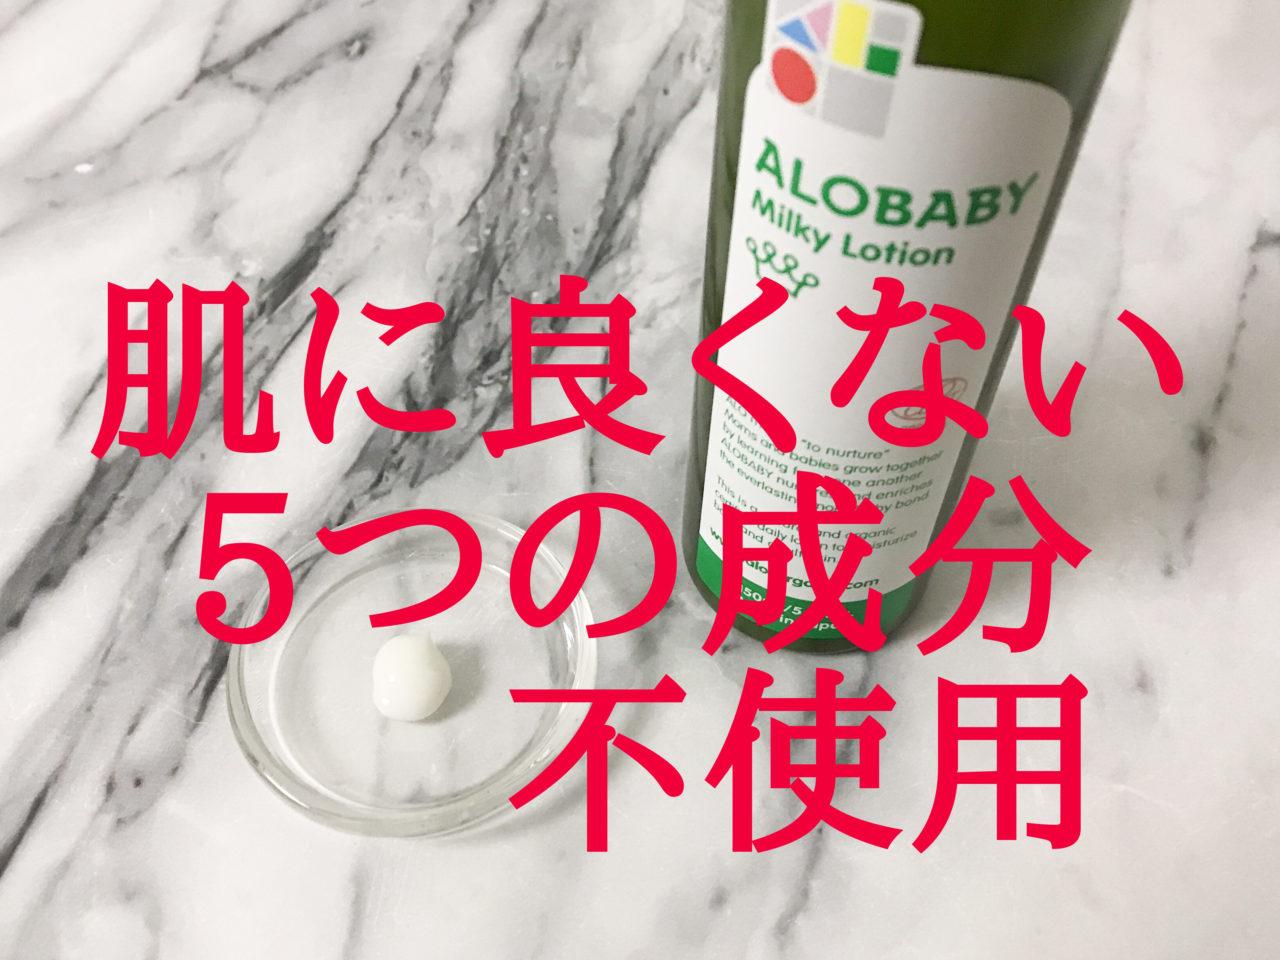 アロベビー ミルクローションは、アルコール不使用・合成ポリマー不使用・鉱物油無添加・シリコン不使用・石油系界面活性剤不使用。